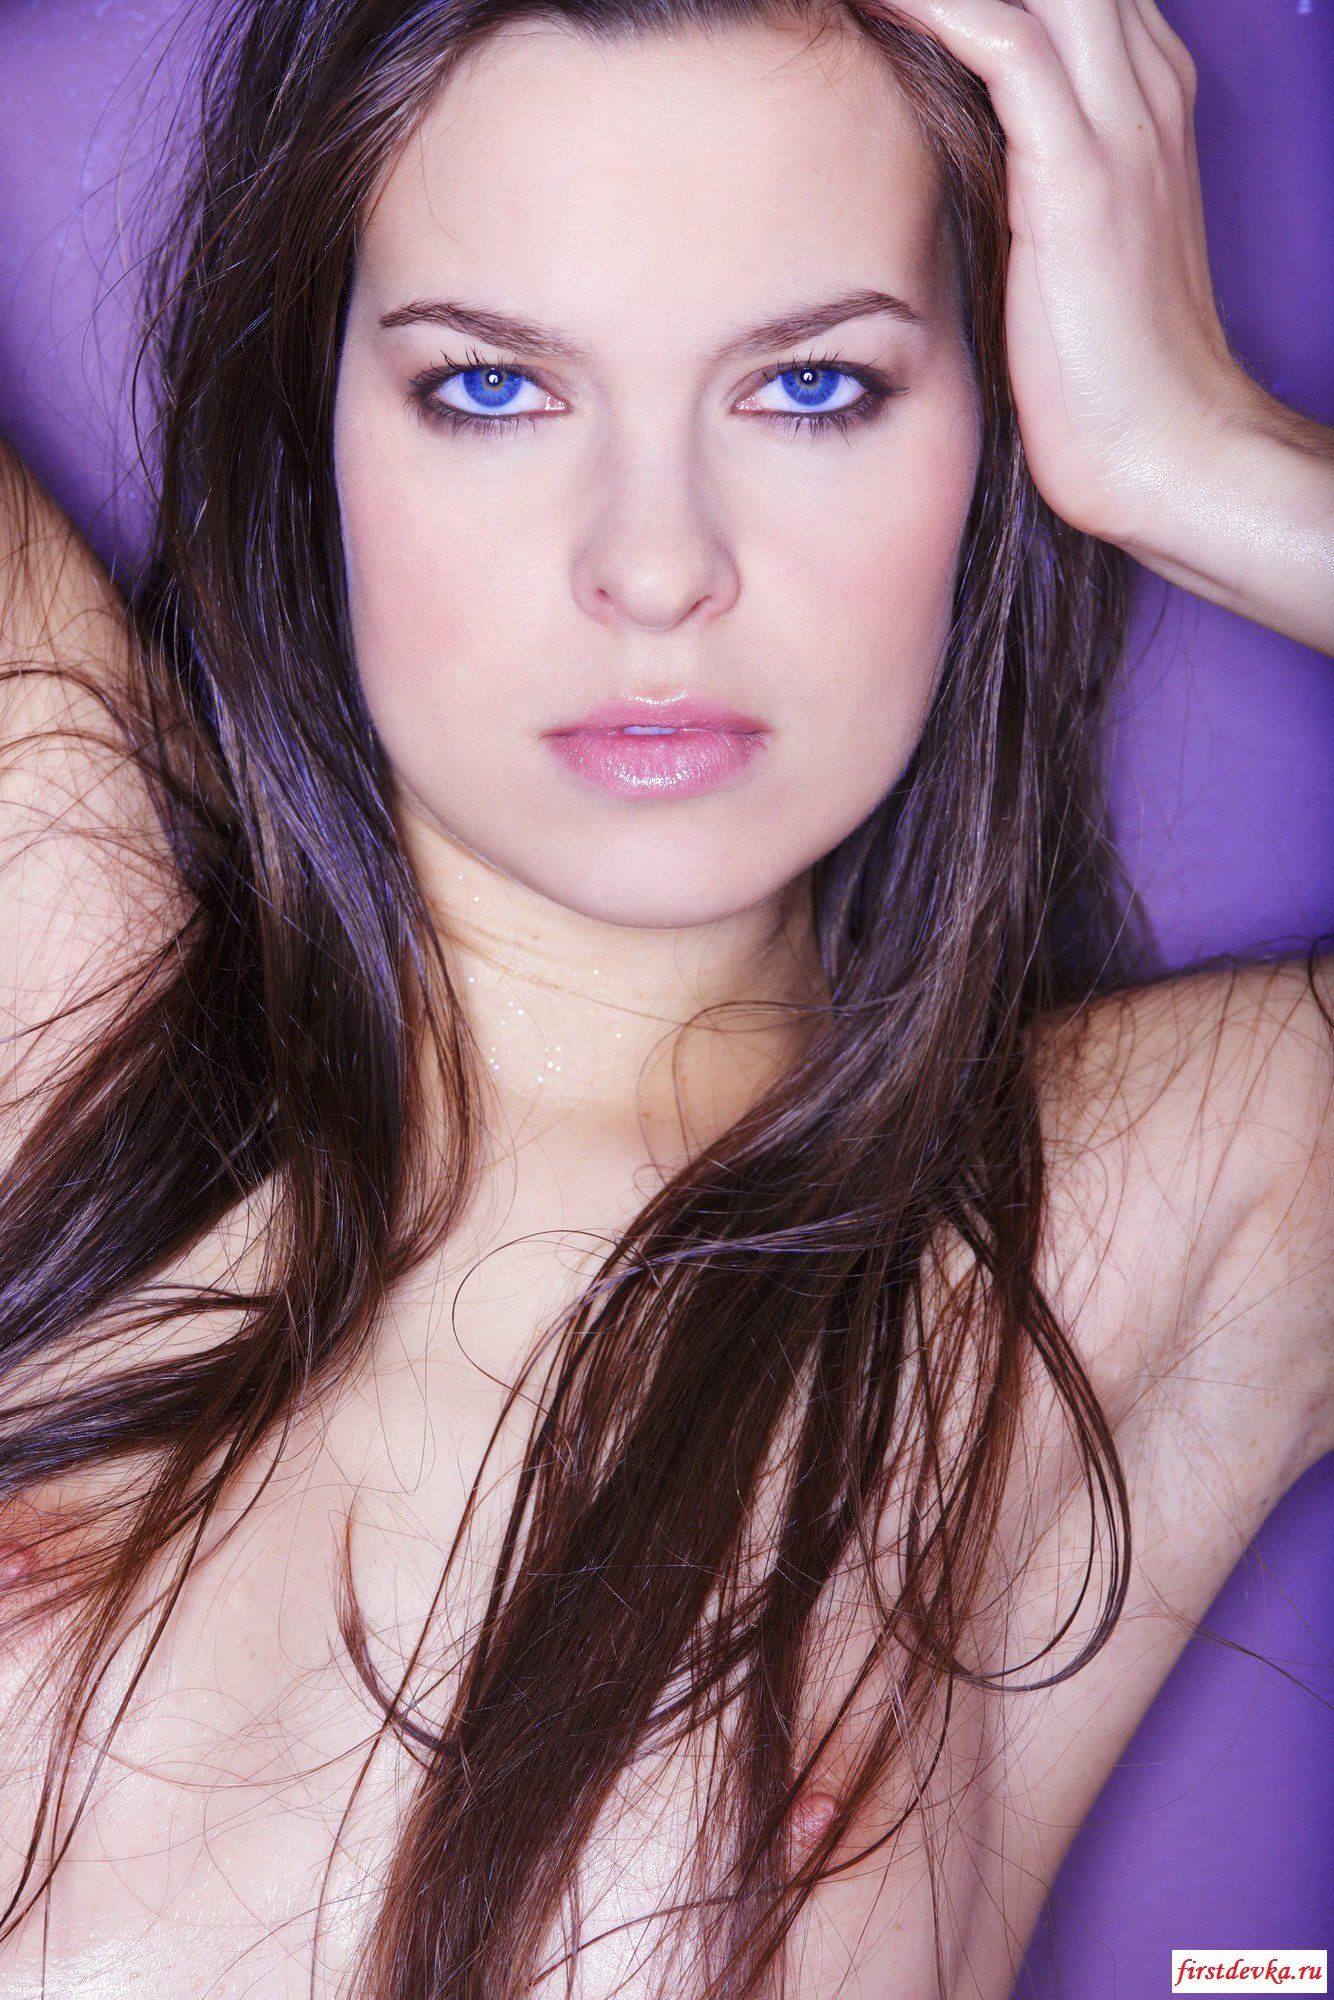 Голубоглазая модель с темными волосами в масле